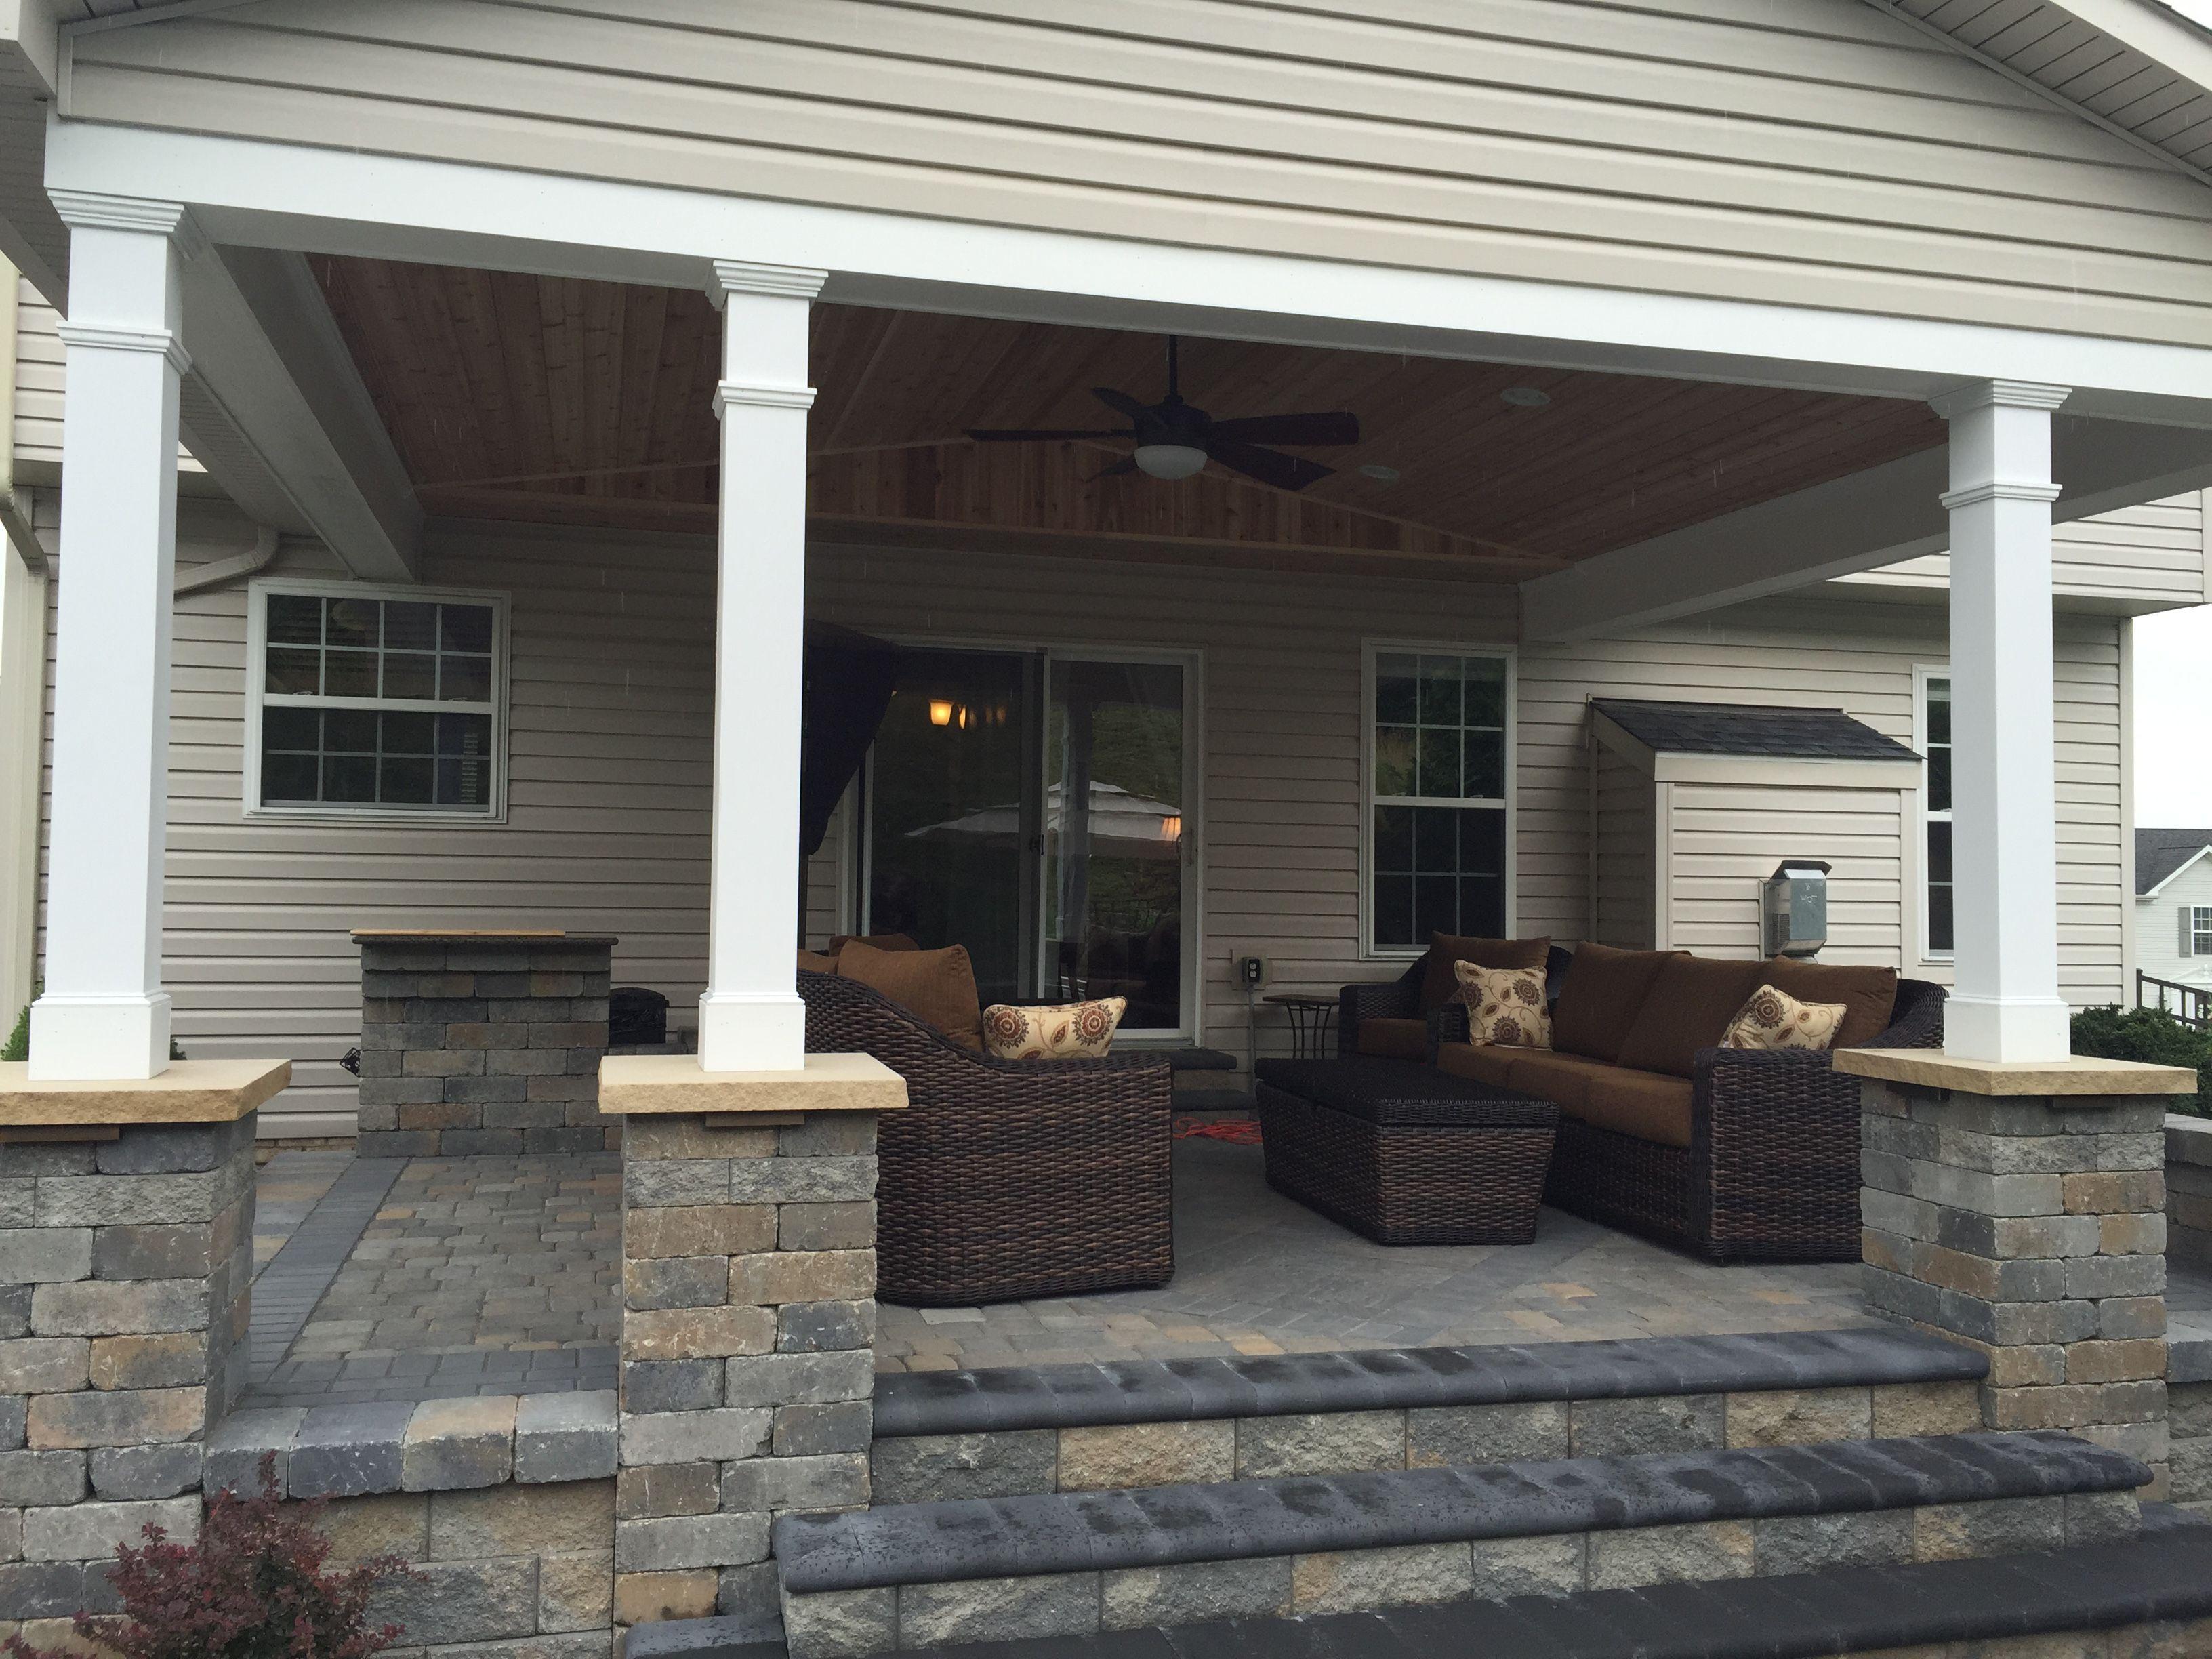 Raised paving stone patio using versa lok block with country stone